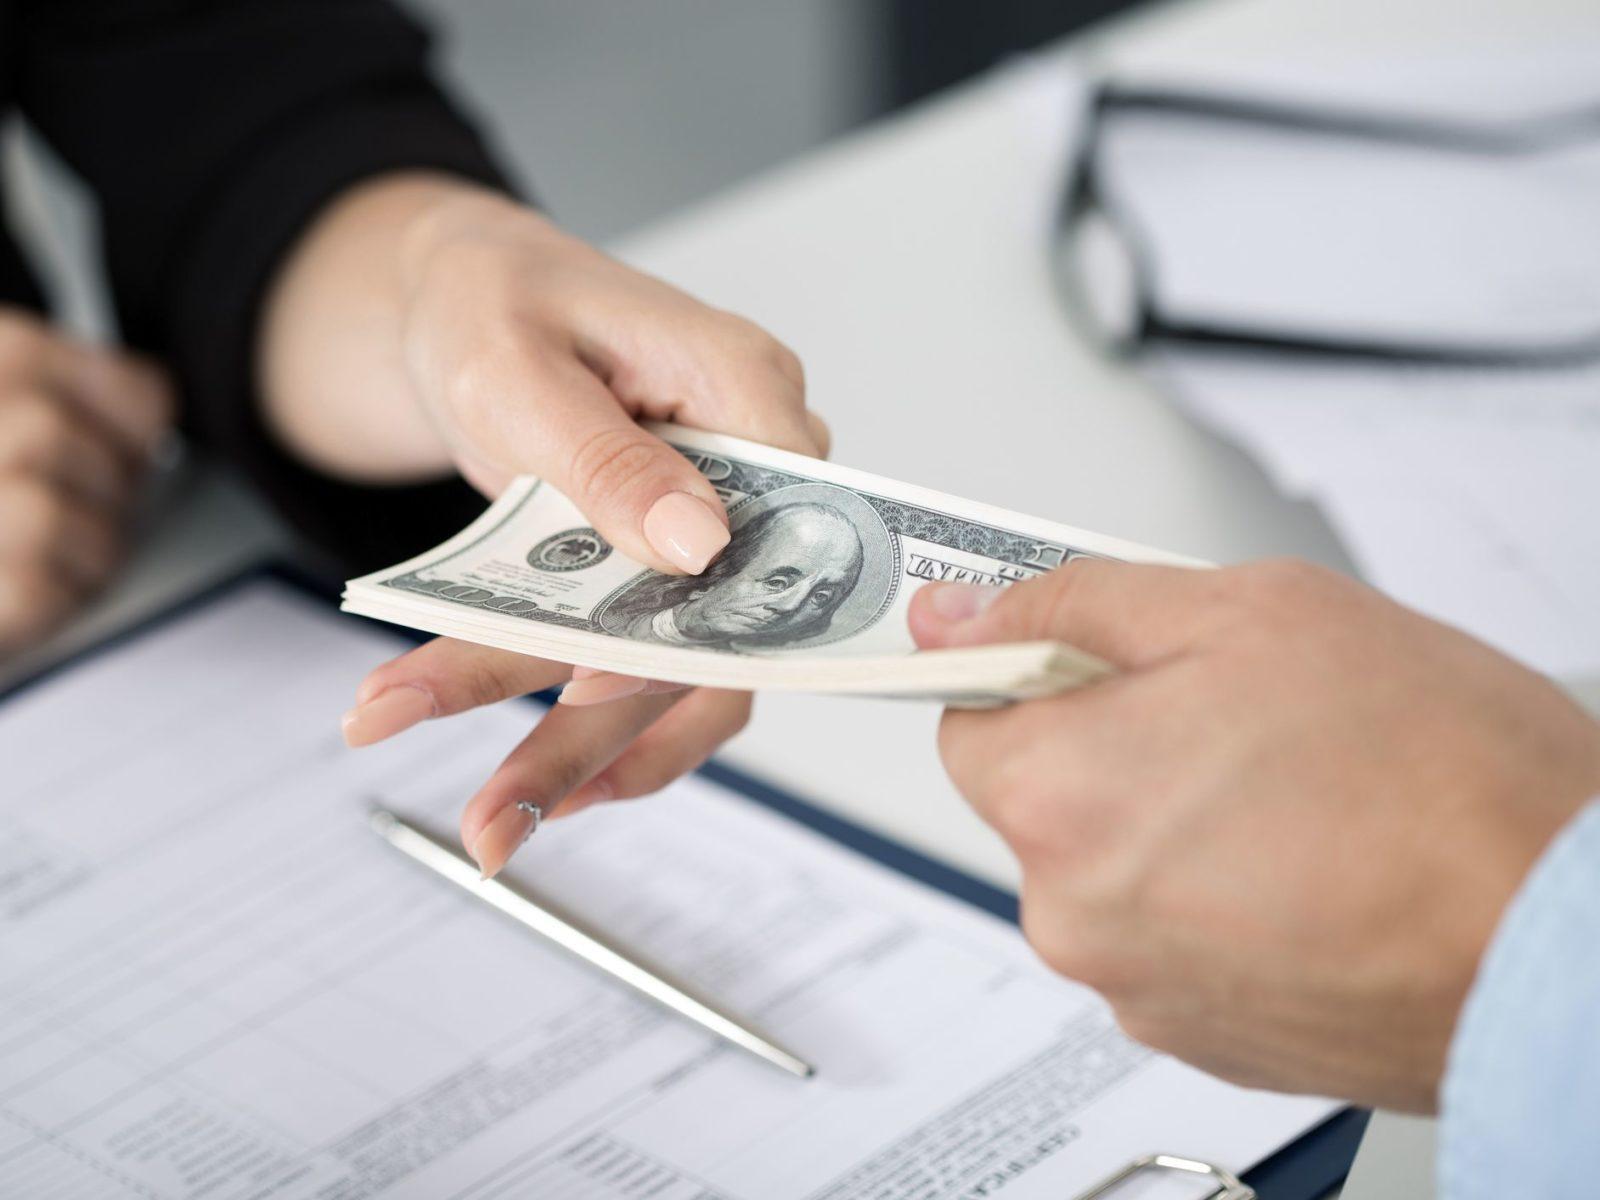 Ошибки, которых стоит избегать при подаче заявки на крупный кредит